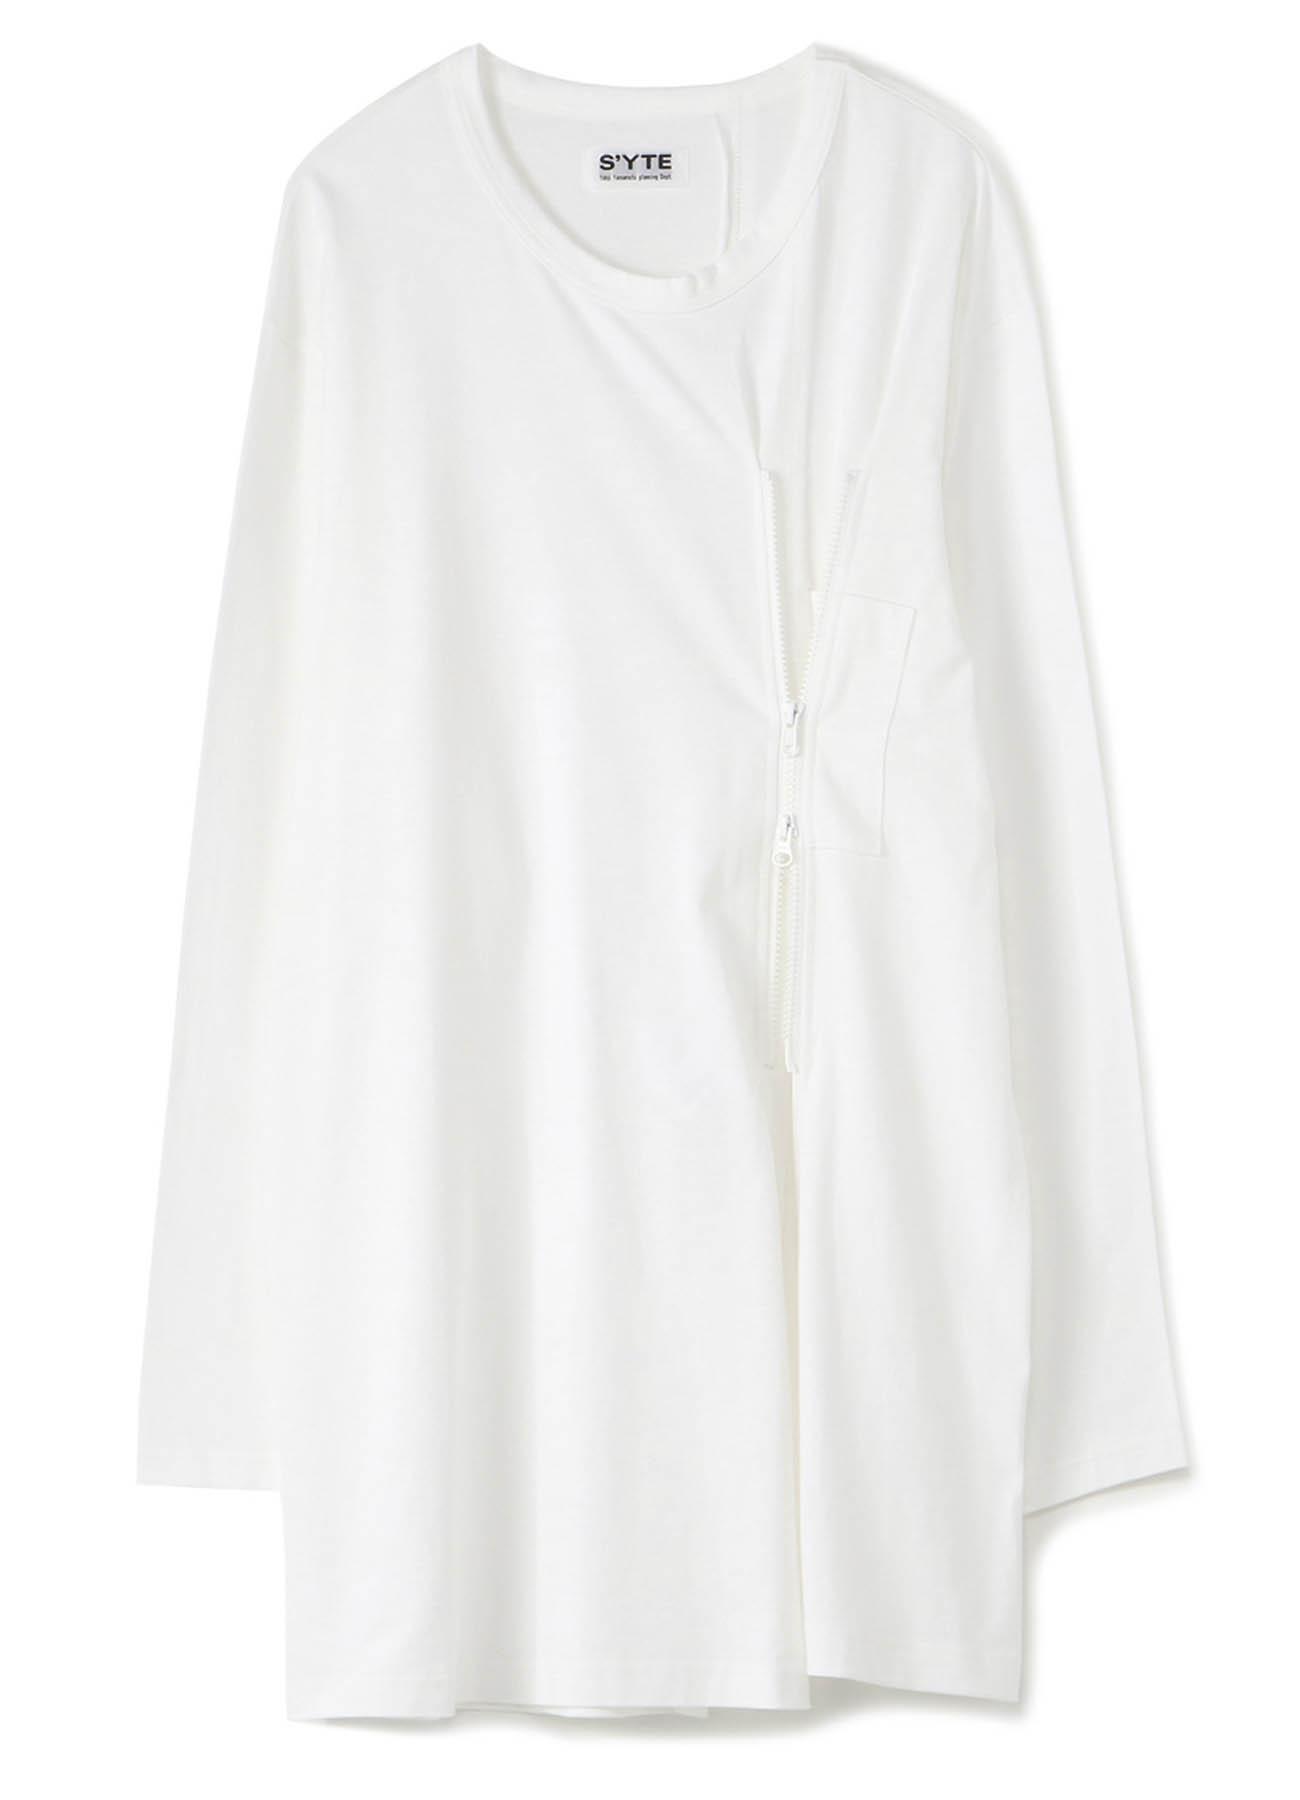 40/2 Cotton Jersey Front Zipper Long Crew